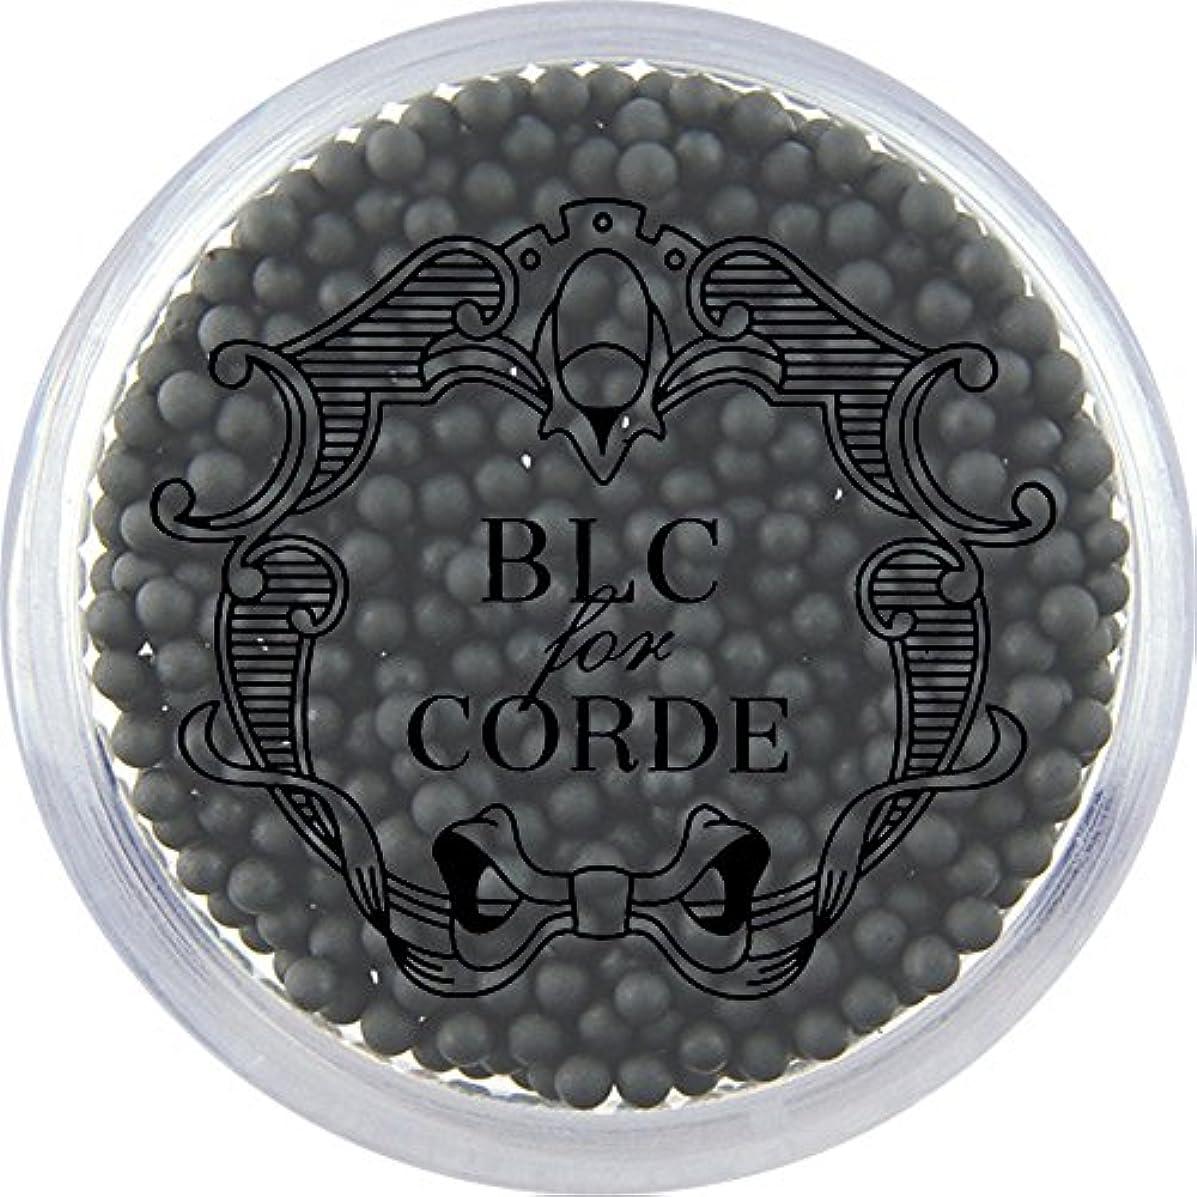 不良品予知市民権BLC FOR CORDE ガラスブリオン ブラック